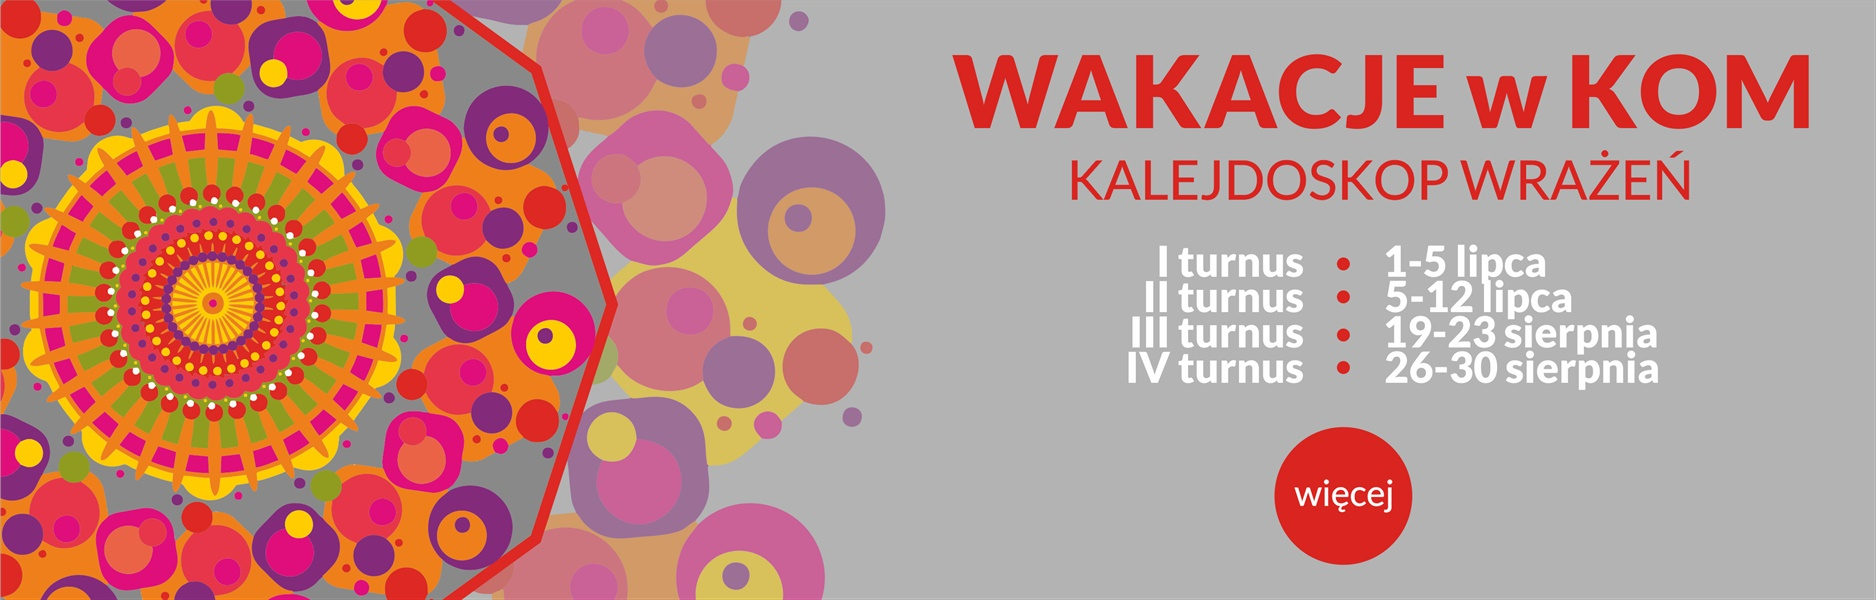 Zaproszenie do skorzystania z wakazycjnych turnusów półkolonijnych w KOM